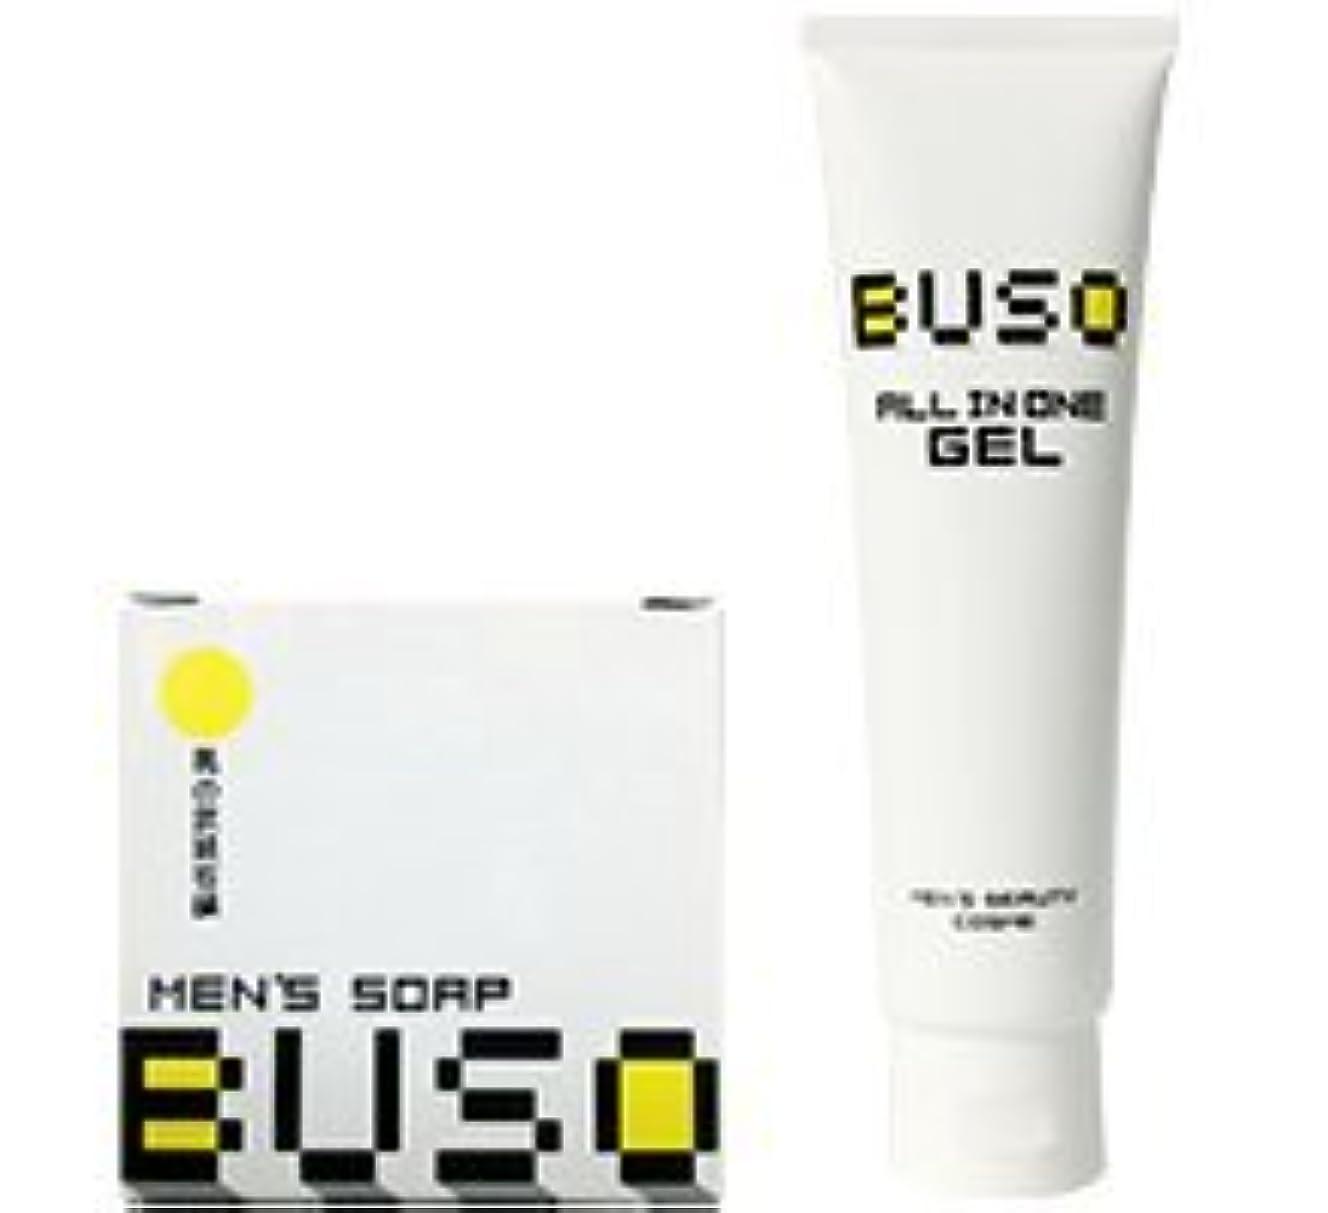 売るなので年BUSO 艶美肌セット(ソープ1個&ジェル1本) メンズソープ+オールインワンジェル